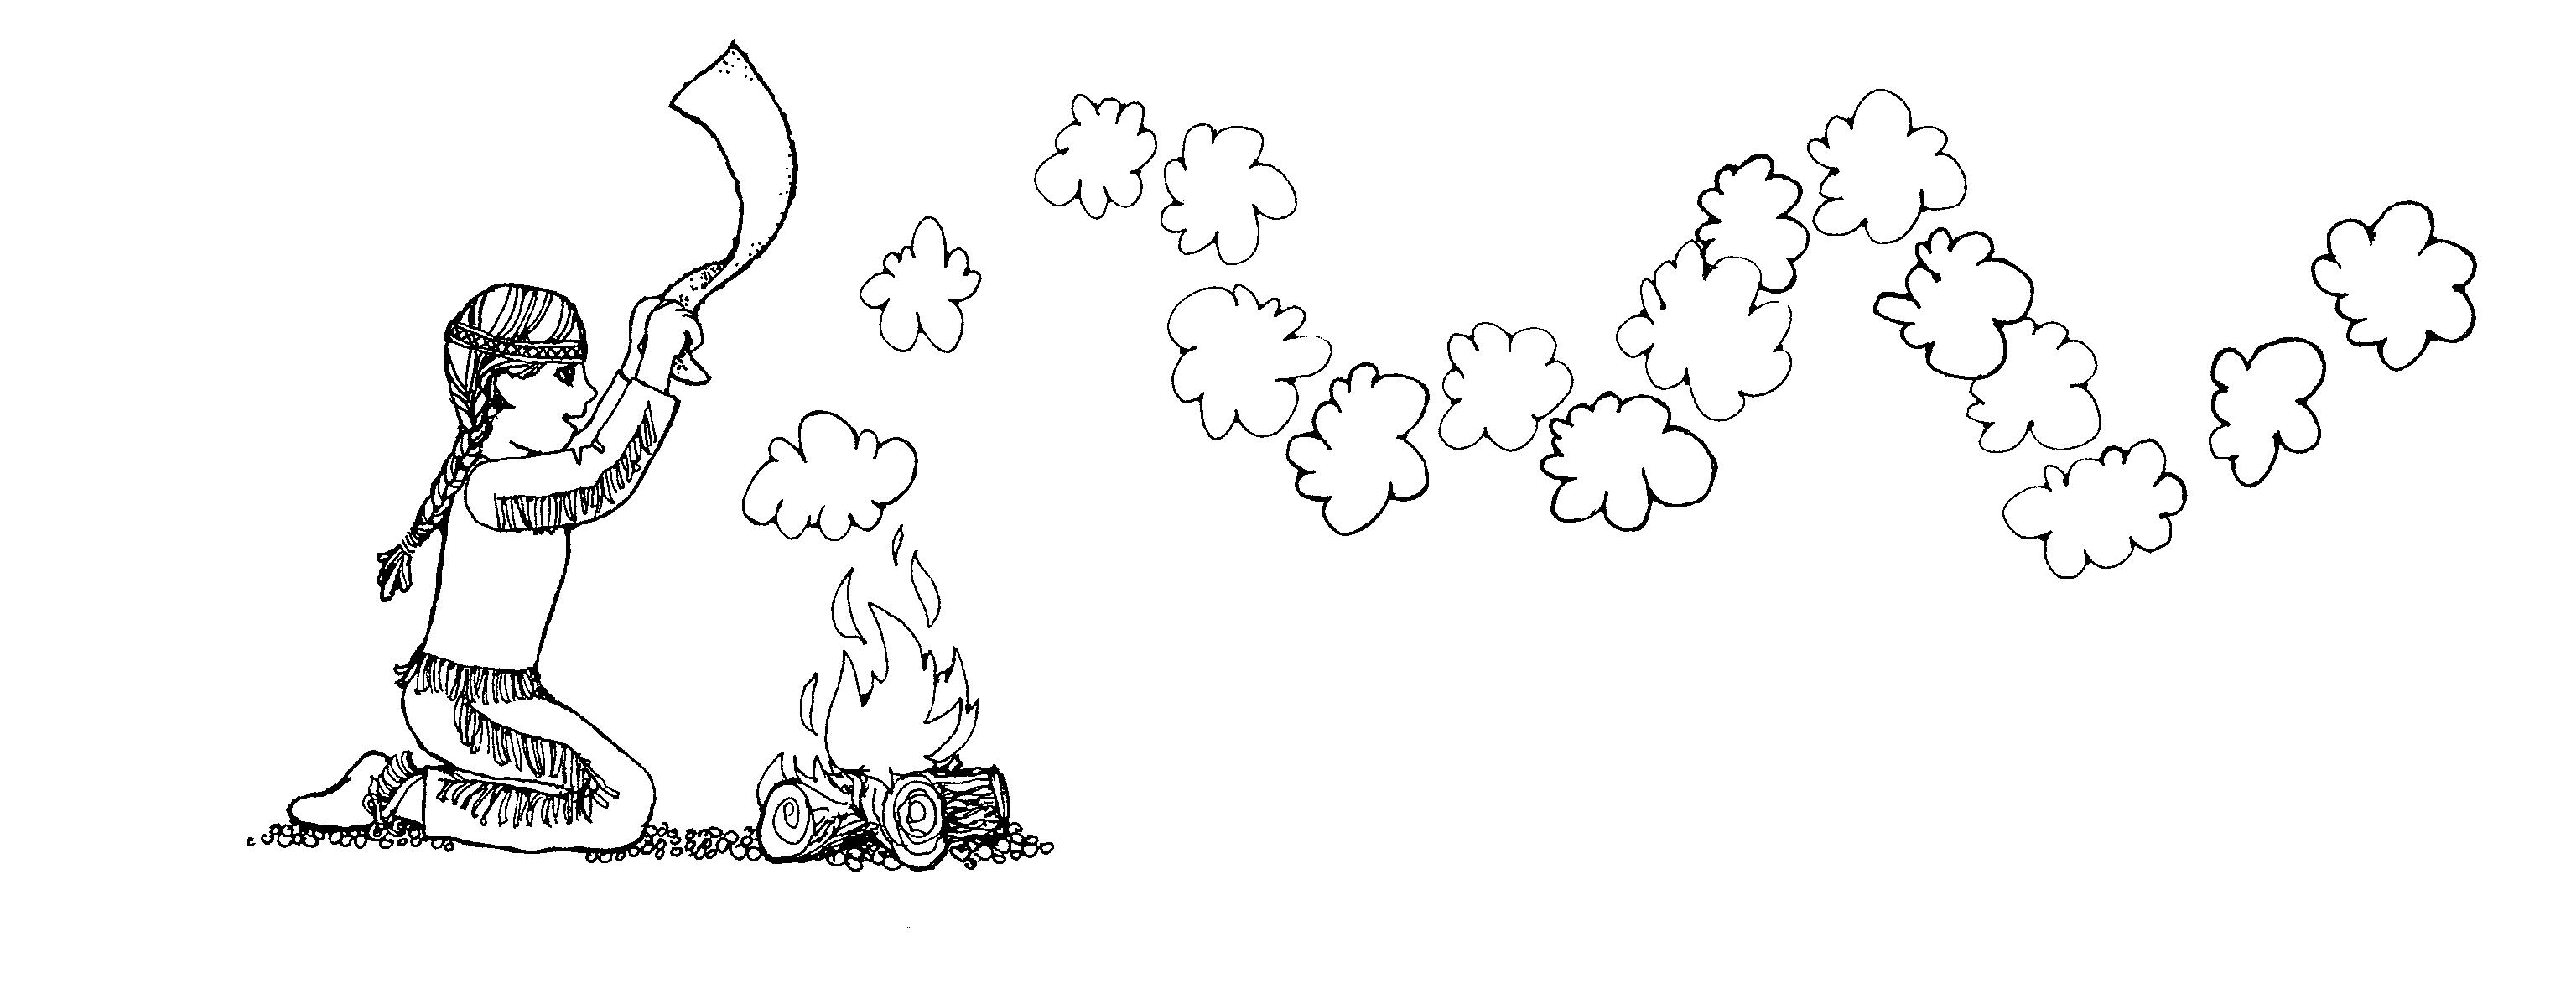 Smoke Clip Art Free.